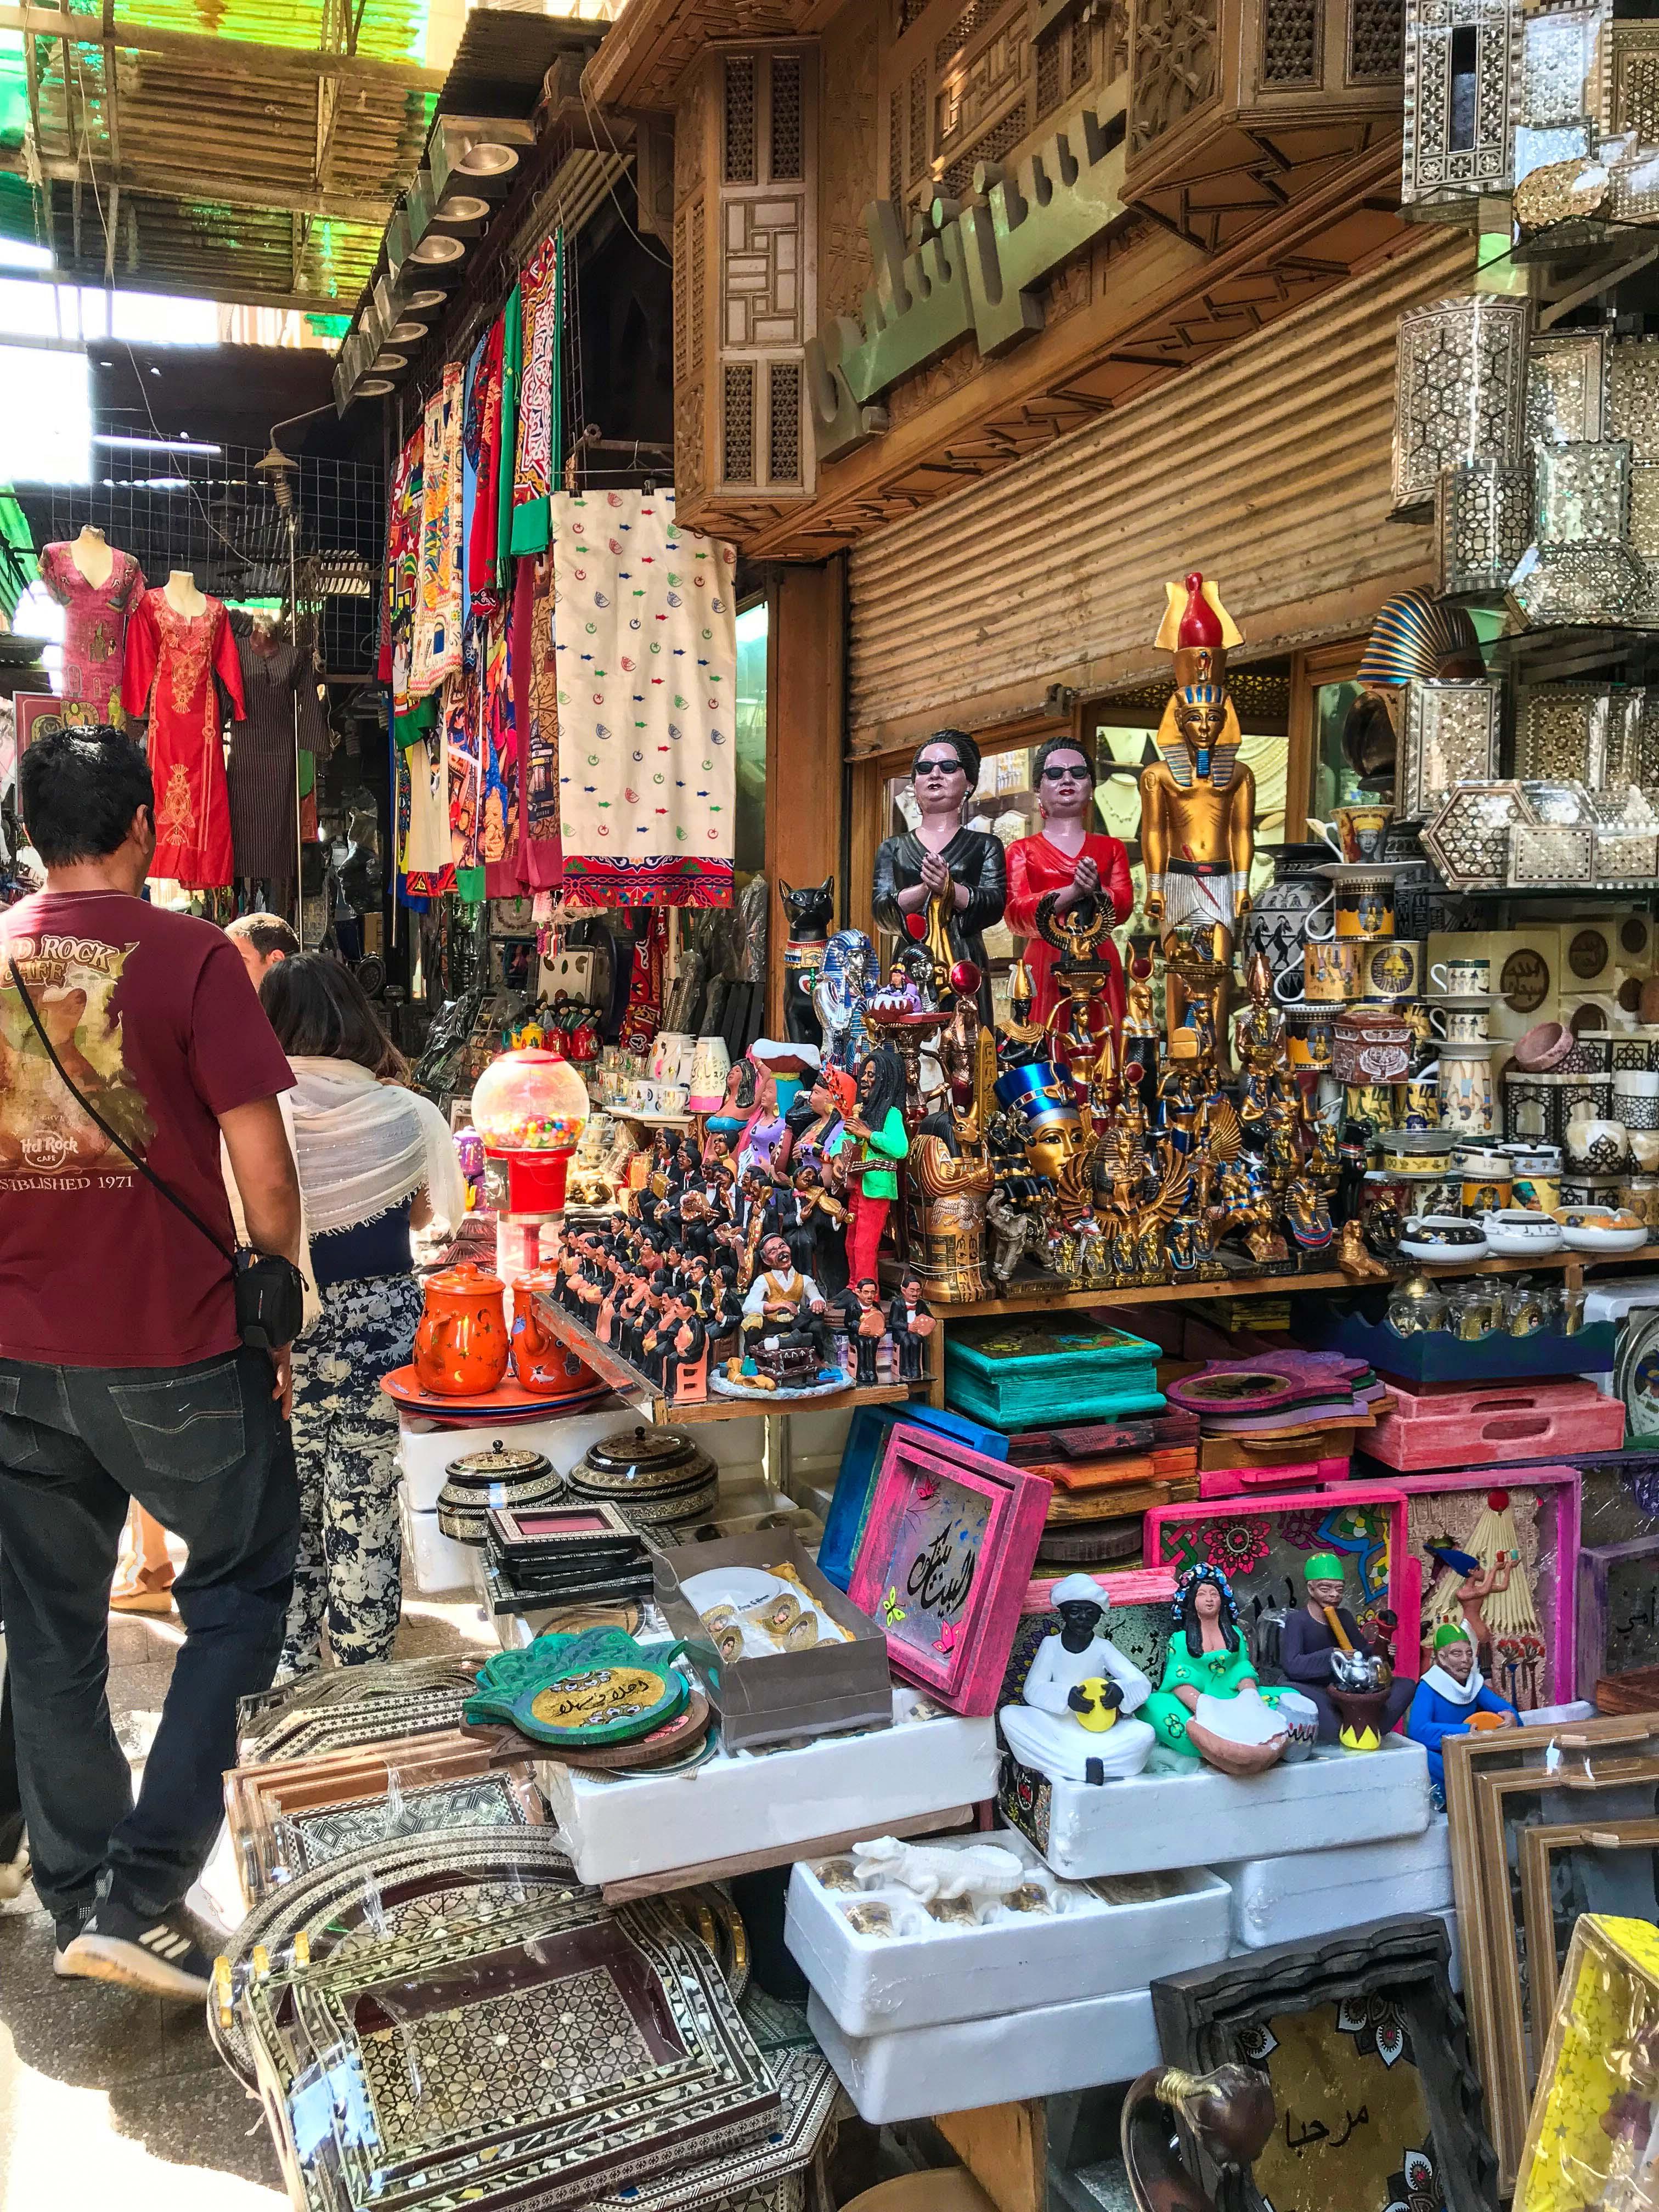 Erika_Mercado do Cairo 2